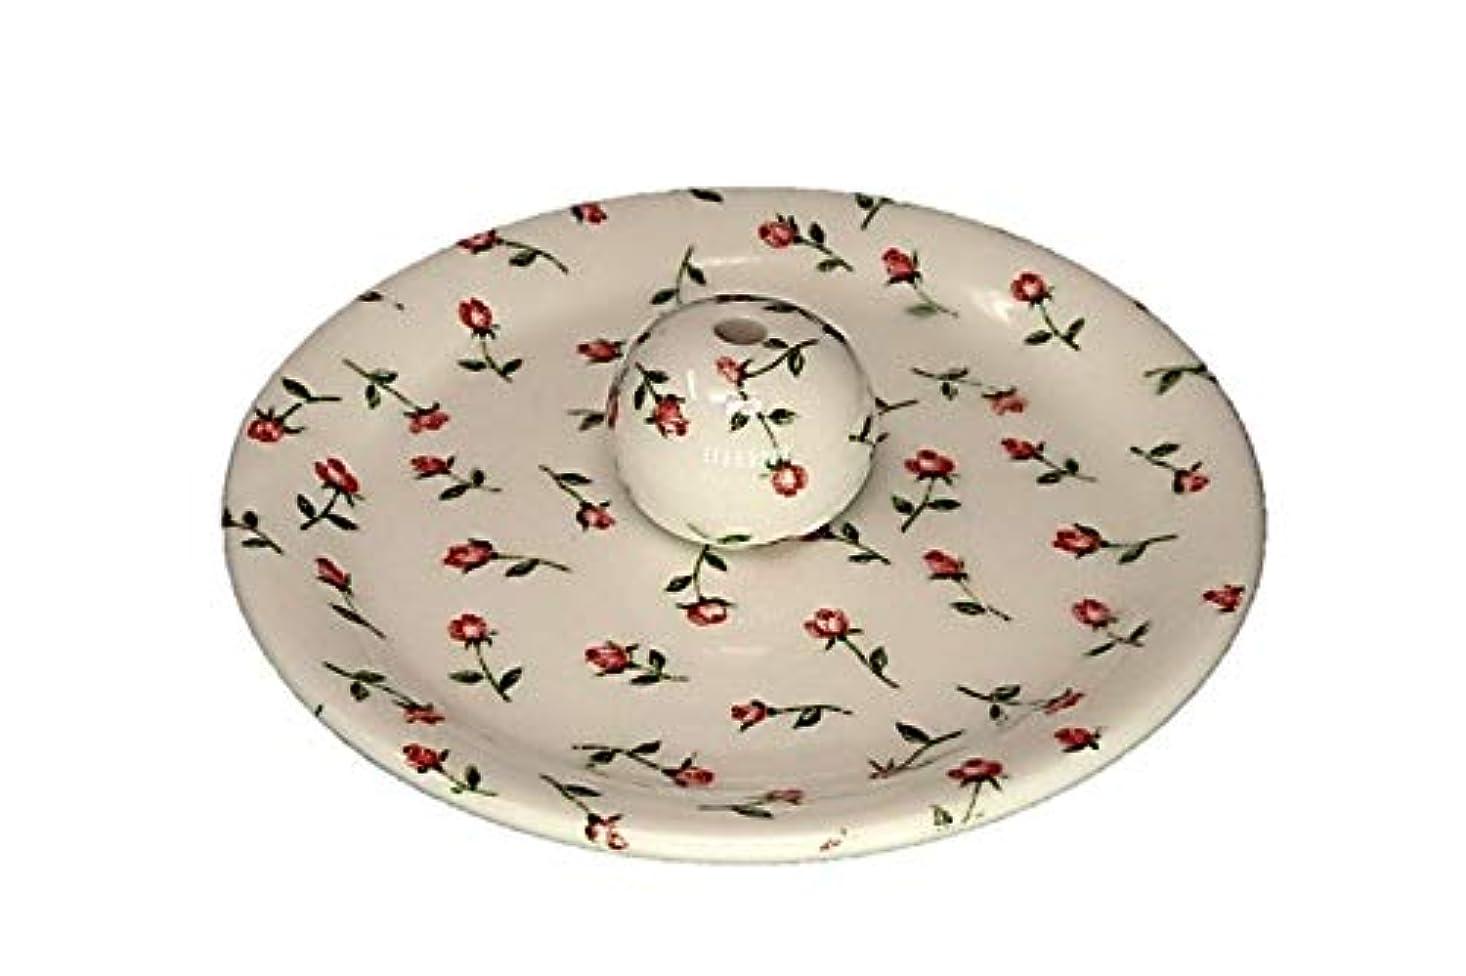 落ち着くカスタム移行する9-14 ローズガーデン お香立て 9cm香皿 お香たて 陶器 製造 直売品